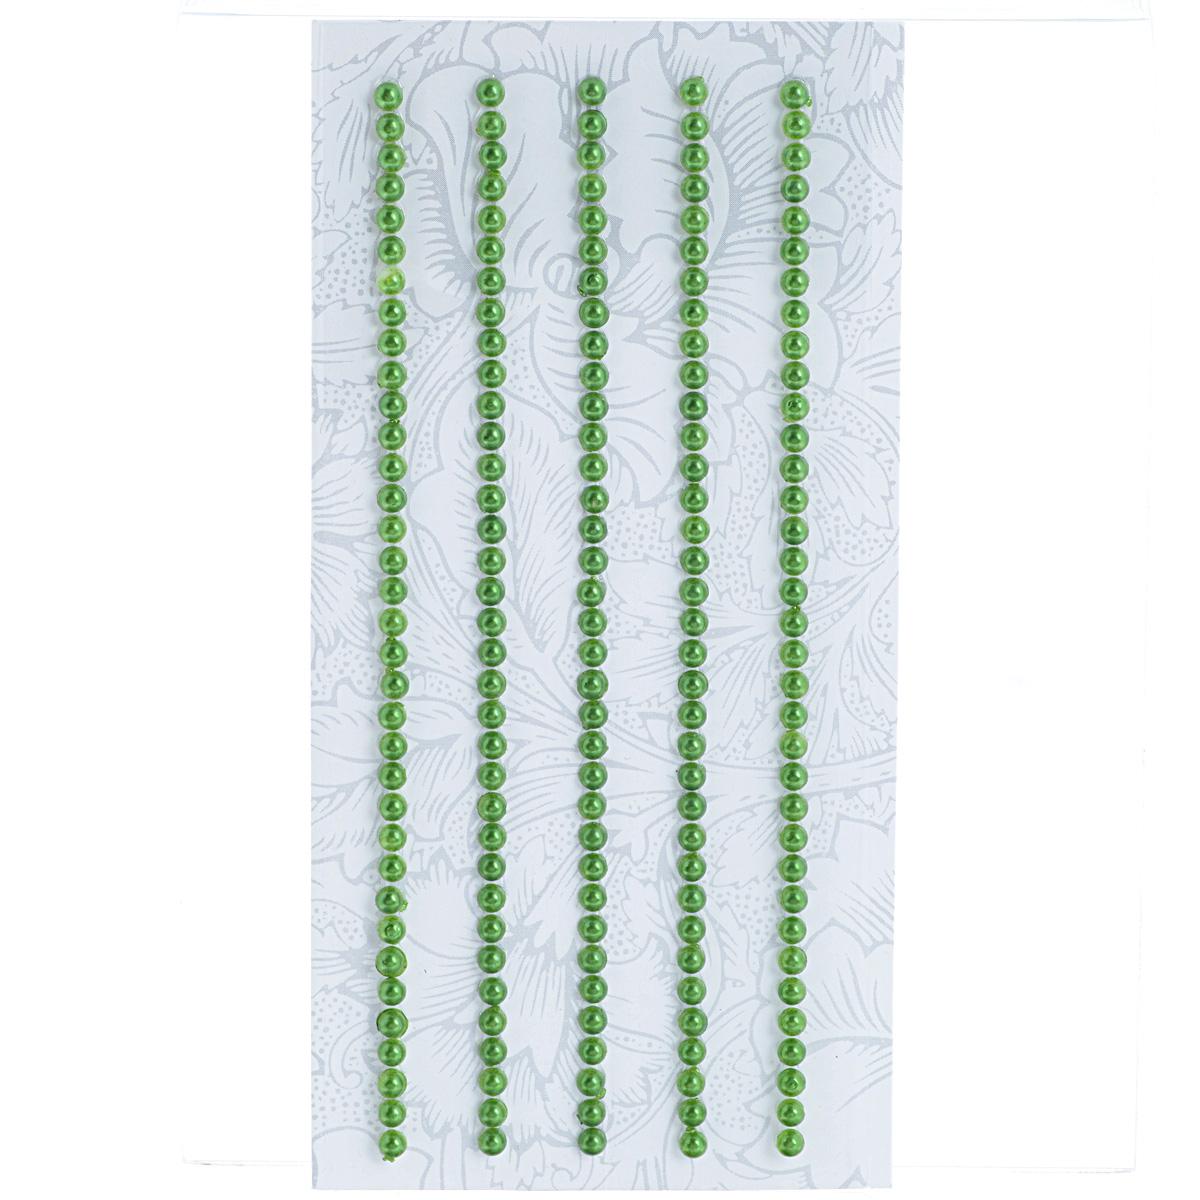 Наклейки декоративные Астра, цвет: зеленый (47), диаметр 3 мм, 175 шт7704130_47Декоративные наклейки Астра, изготовленные из пластика, прекрасно подойдут для оформления творческих работ в технике скрапбукинга. Их можно использовать для украшения фотоальбомов, скрап-страничек, подарков, конвертов, фоторамок, открыток и т.д. Объемные наклейки круглой формы оснащены задней клейкой стороной. Скрапбукинг - это хобби, которое способно приносить массу приятных эмоций не только человеку, который этим занимается, но и его близким, друзьям, родным. Это невероятно увлекательное занятие, которое поможет вам сохранить наиболее памятные и яркие моменты вашей жизни, а также интересно оформить интерьер дома. Диаметр наклейки: 3 мм.